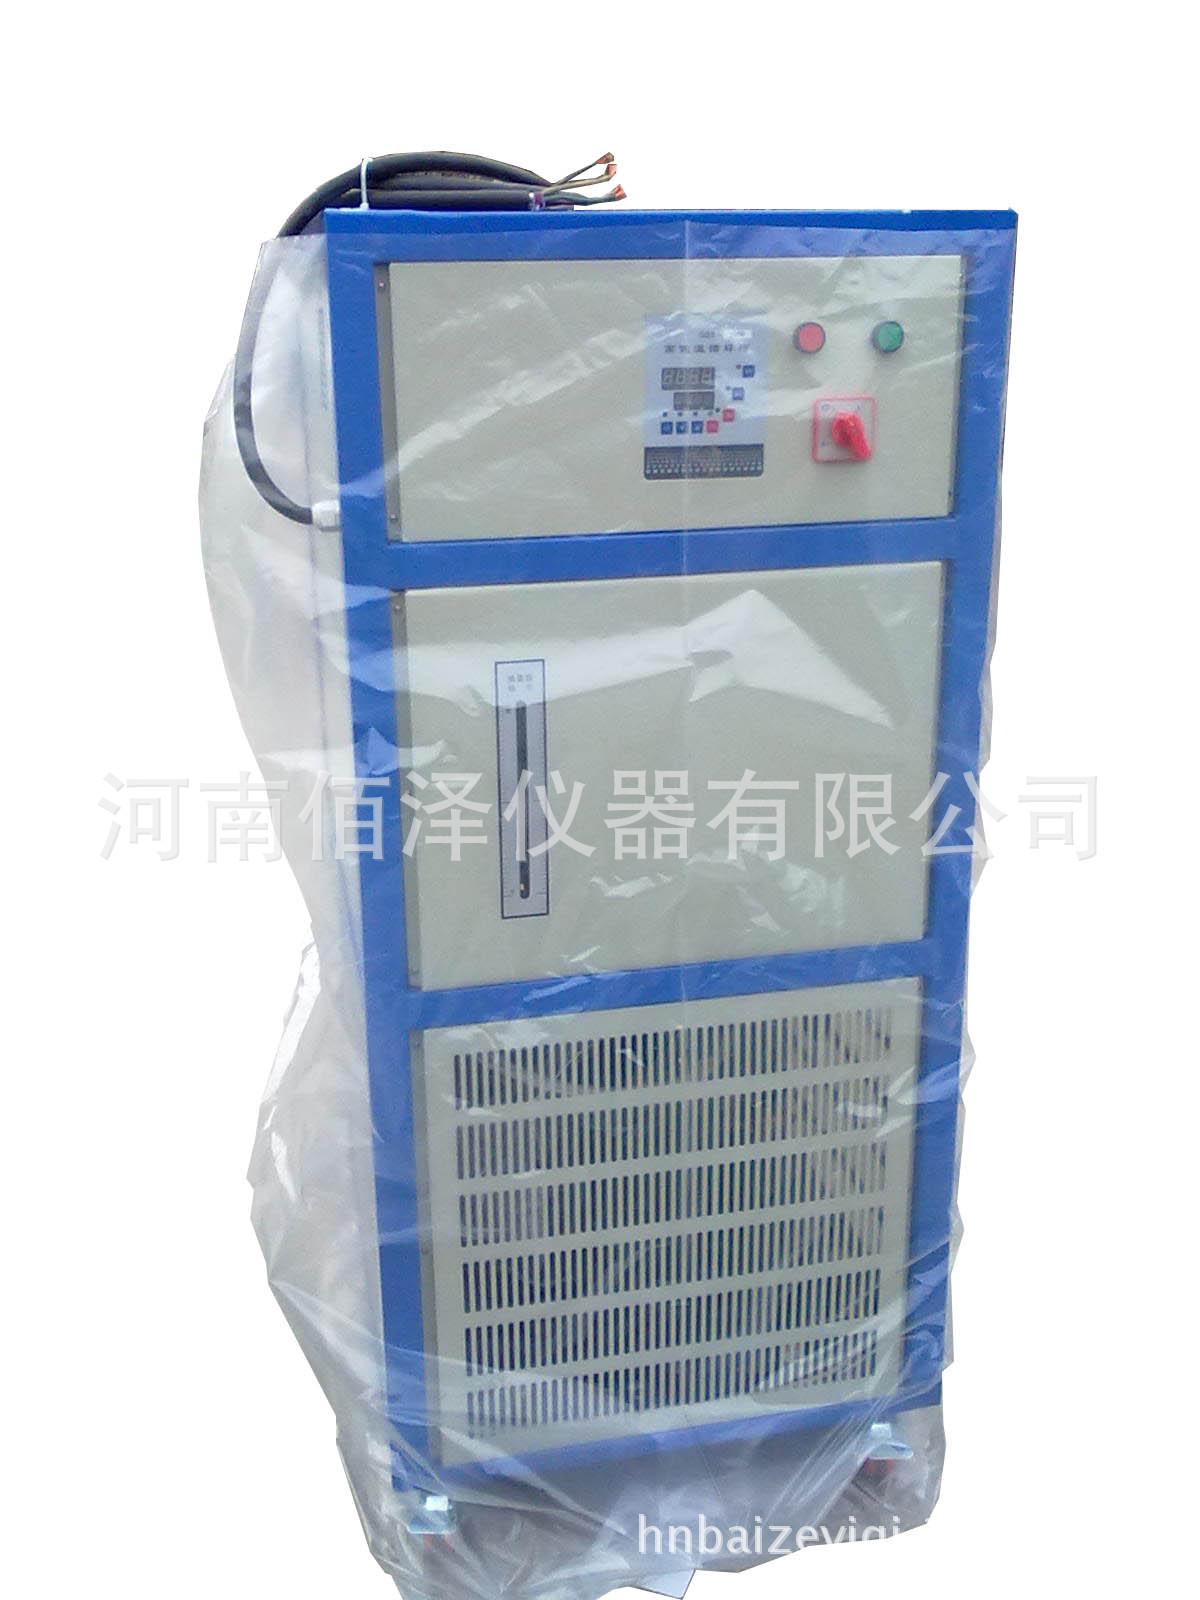 厂家直销高低温循环装置 智能数显高低温一体机